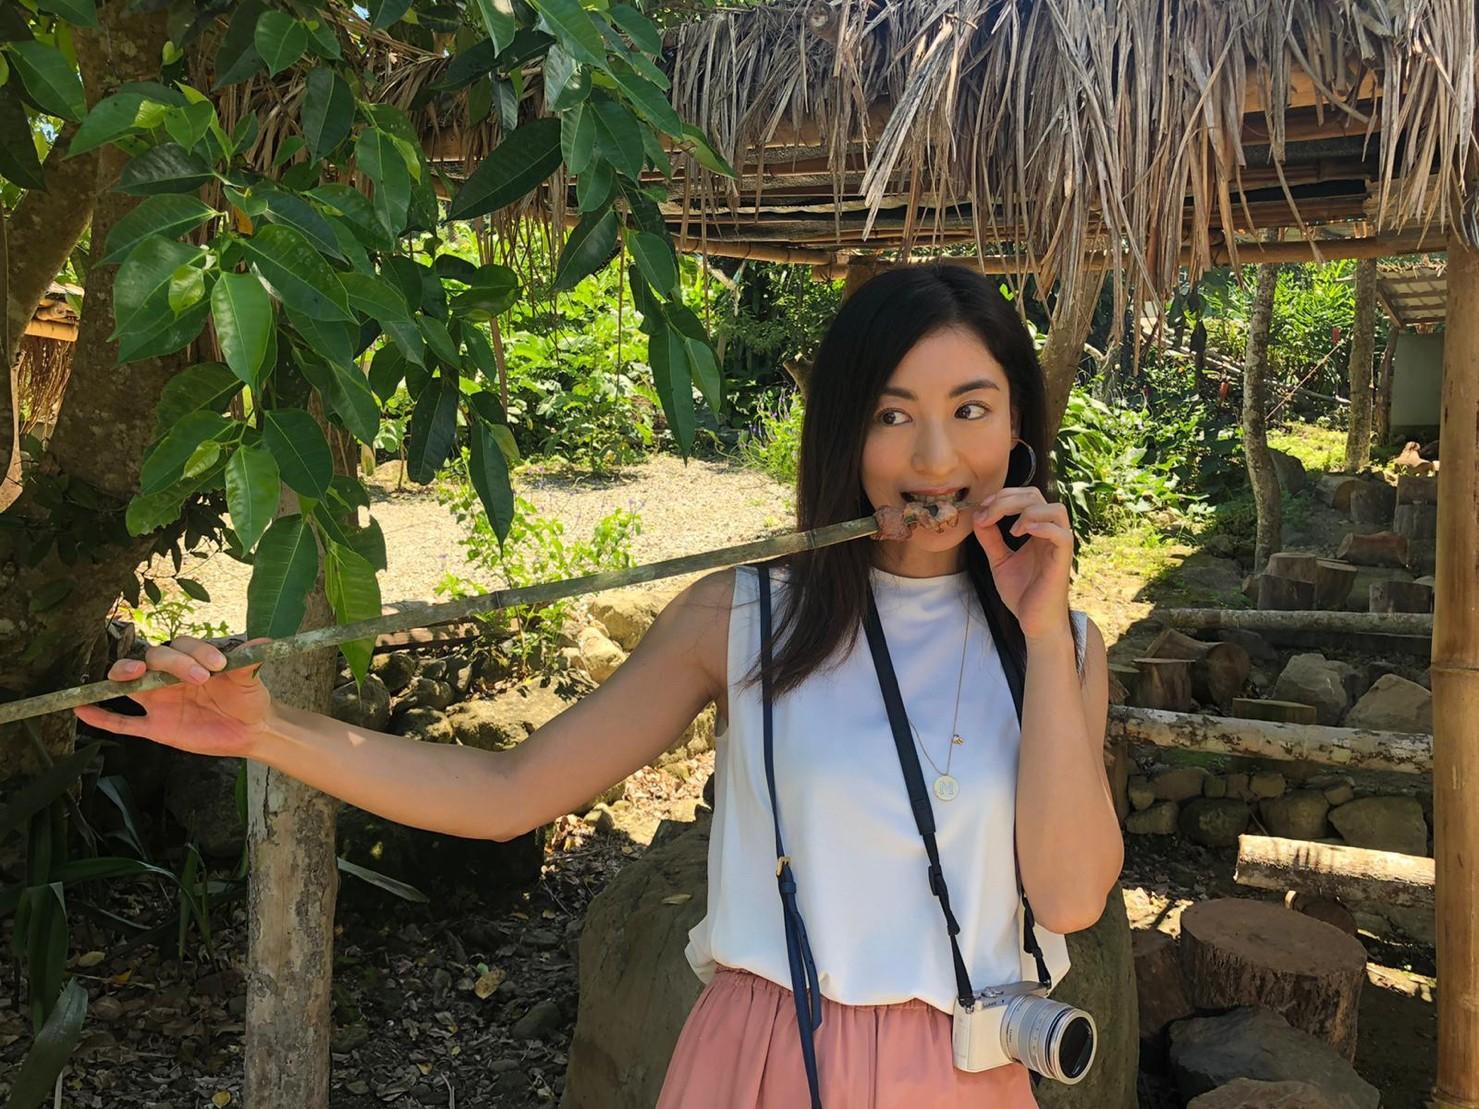 ▲這次赴台東雖僅兩天一夜,但大久保麻梨子仍品嚐到許多美食。